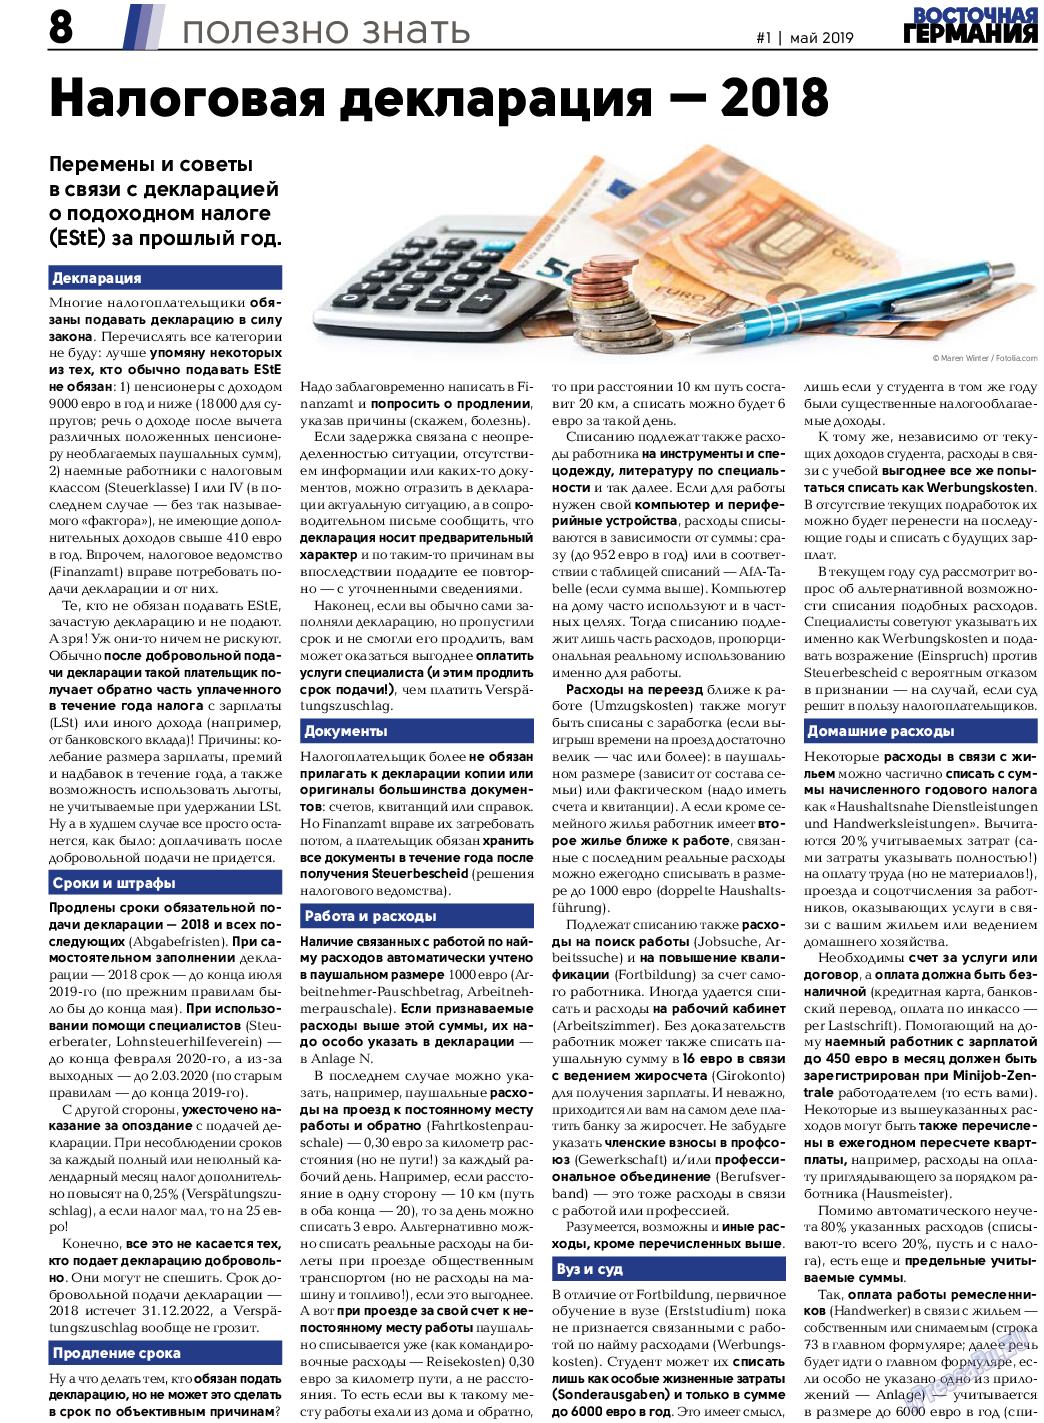 Восточная Германия (газета). 2019 год, номер 1, стр. 8